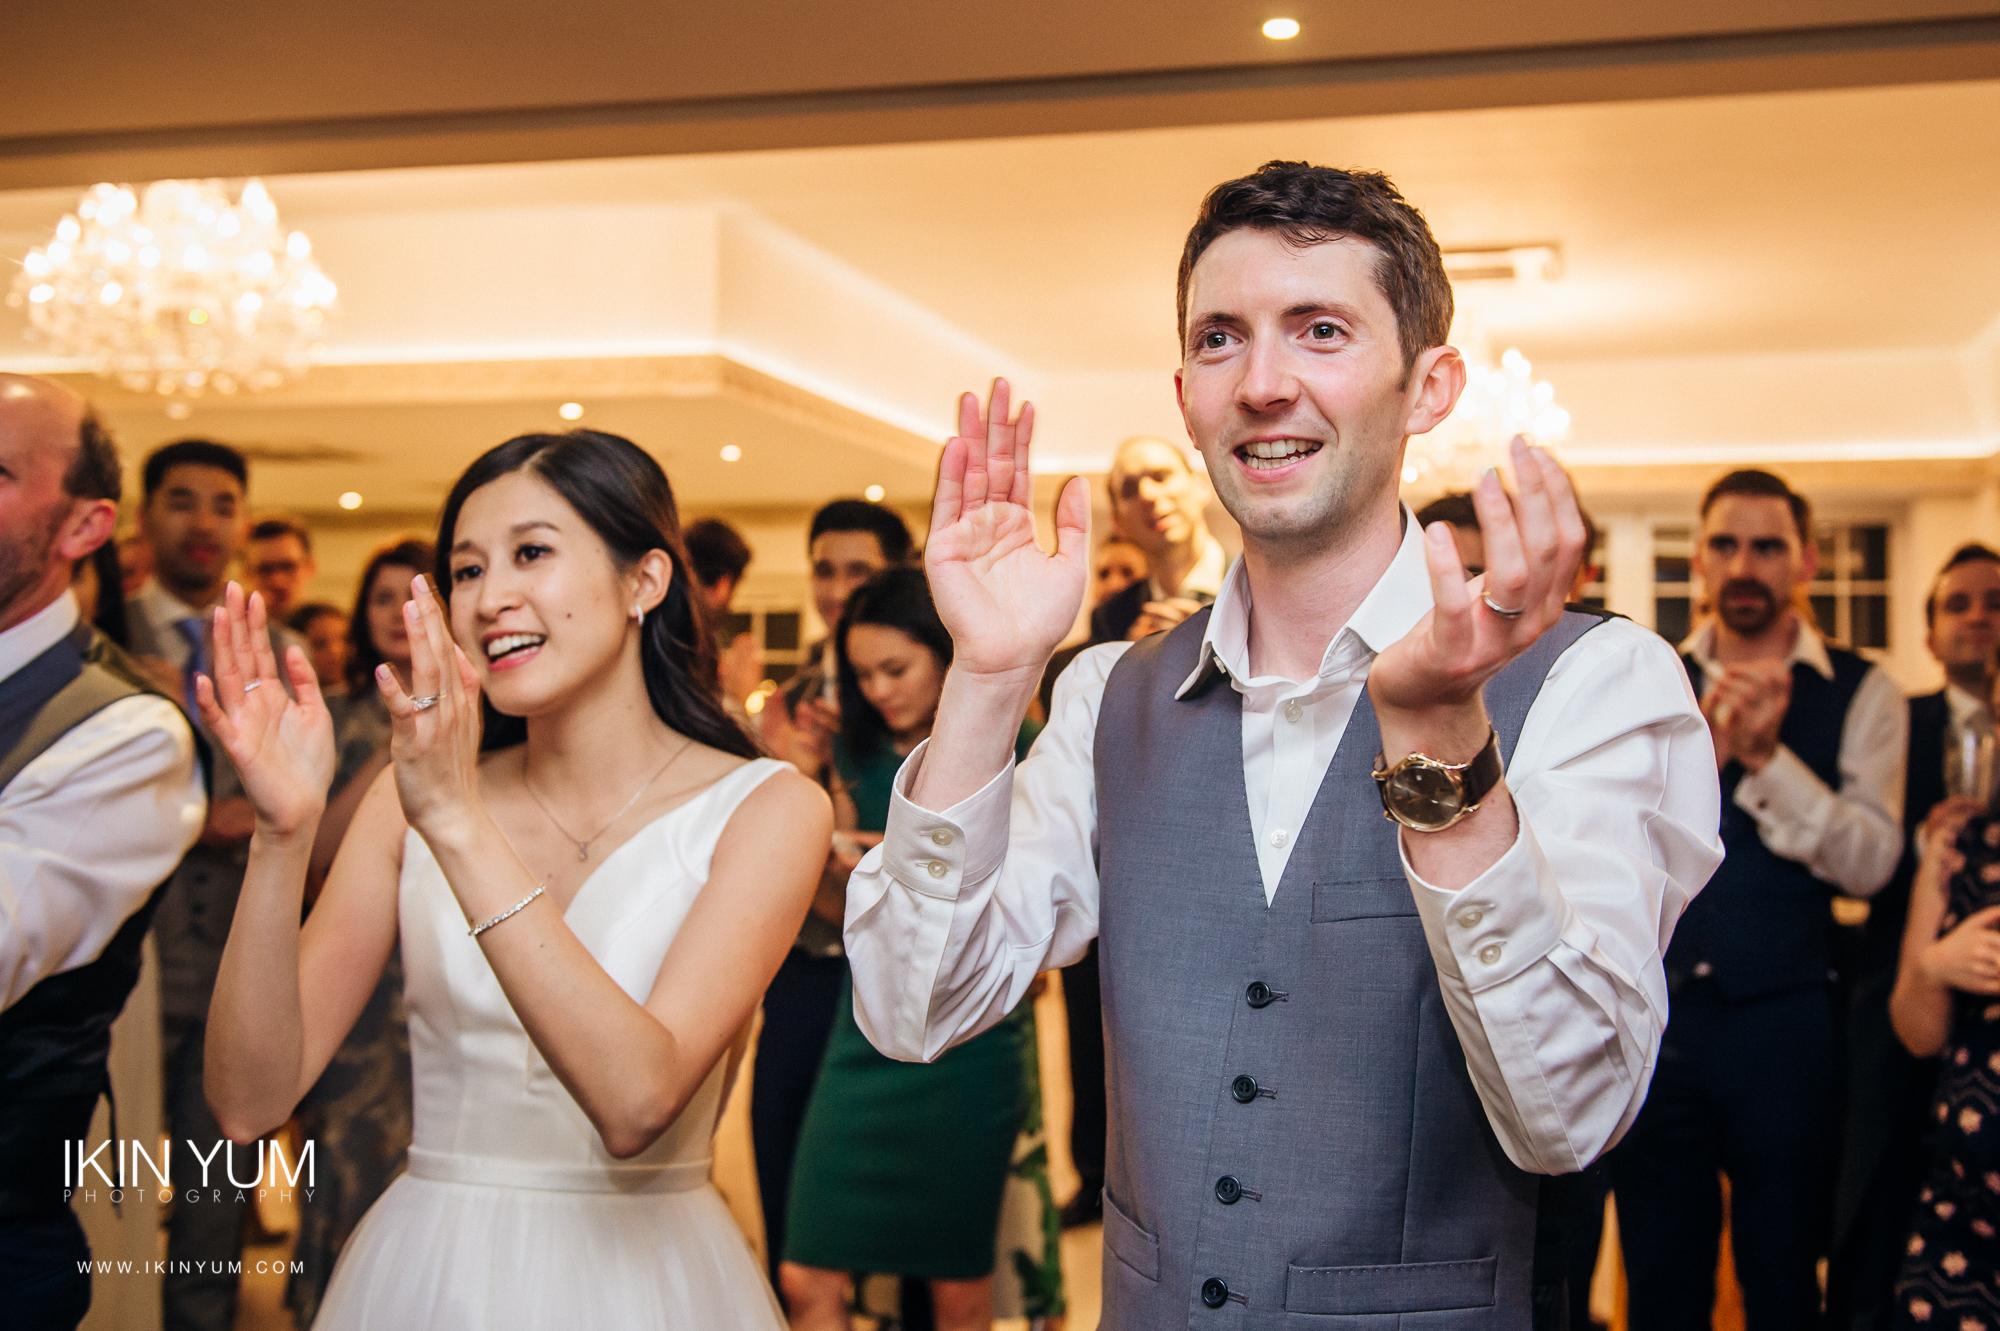 Nicola & Jonny Wedding Day - Ikin Yum Photography-141.jpg